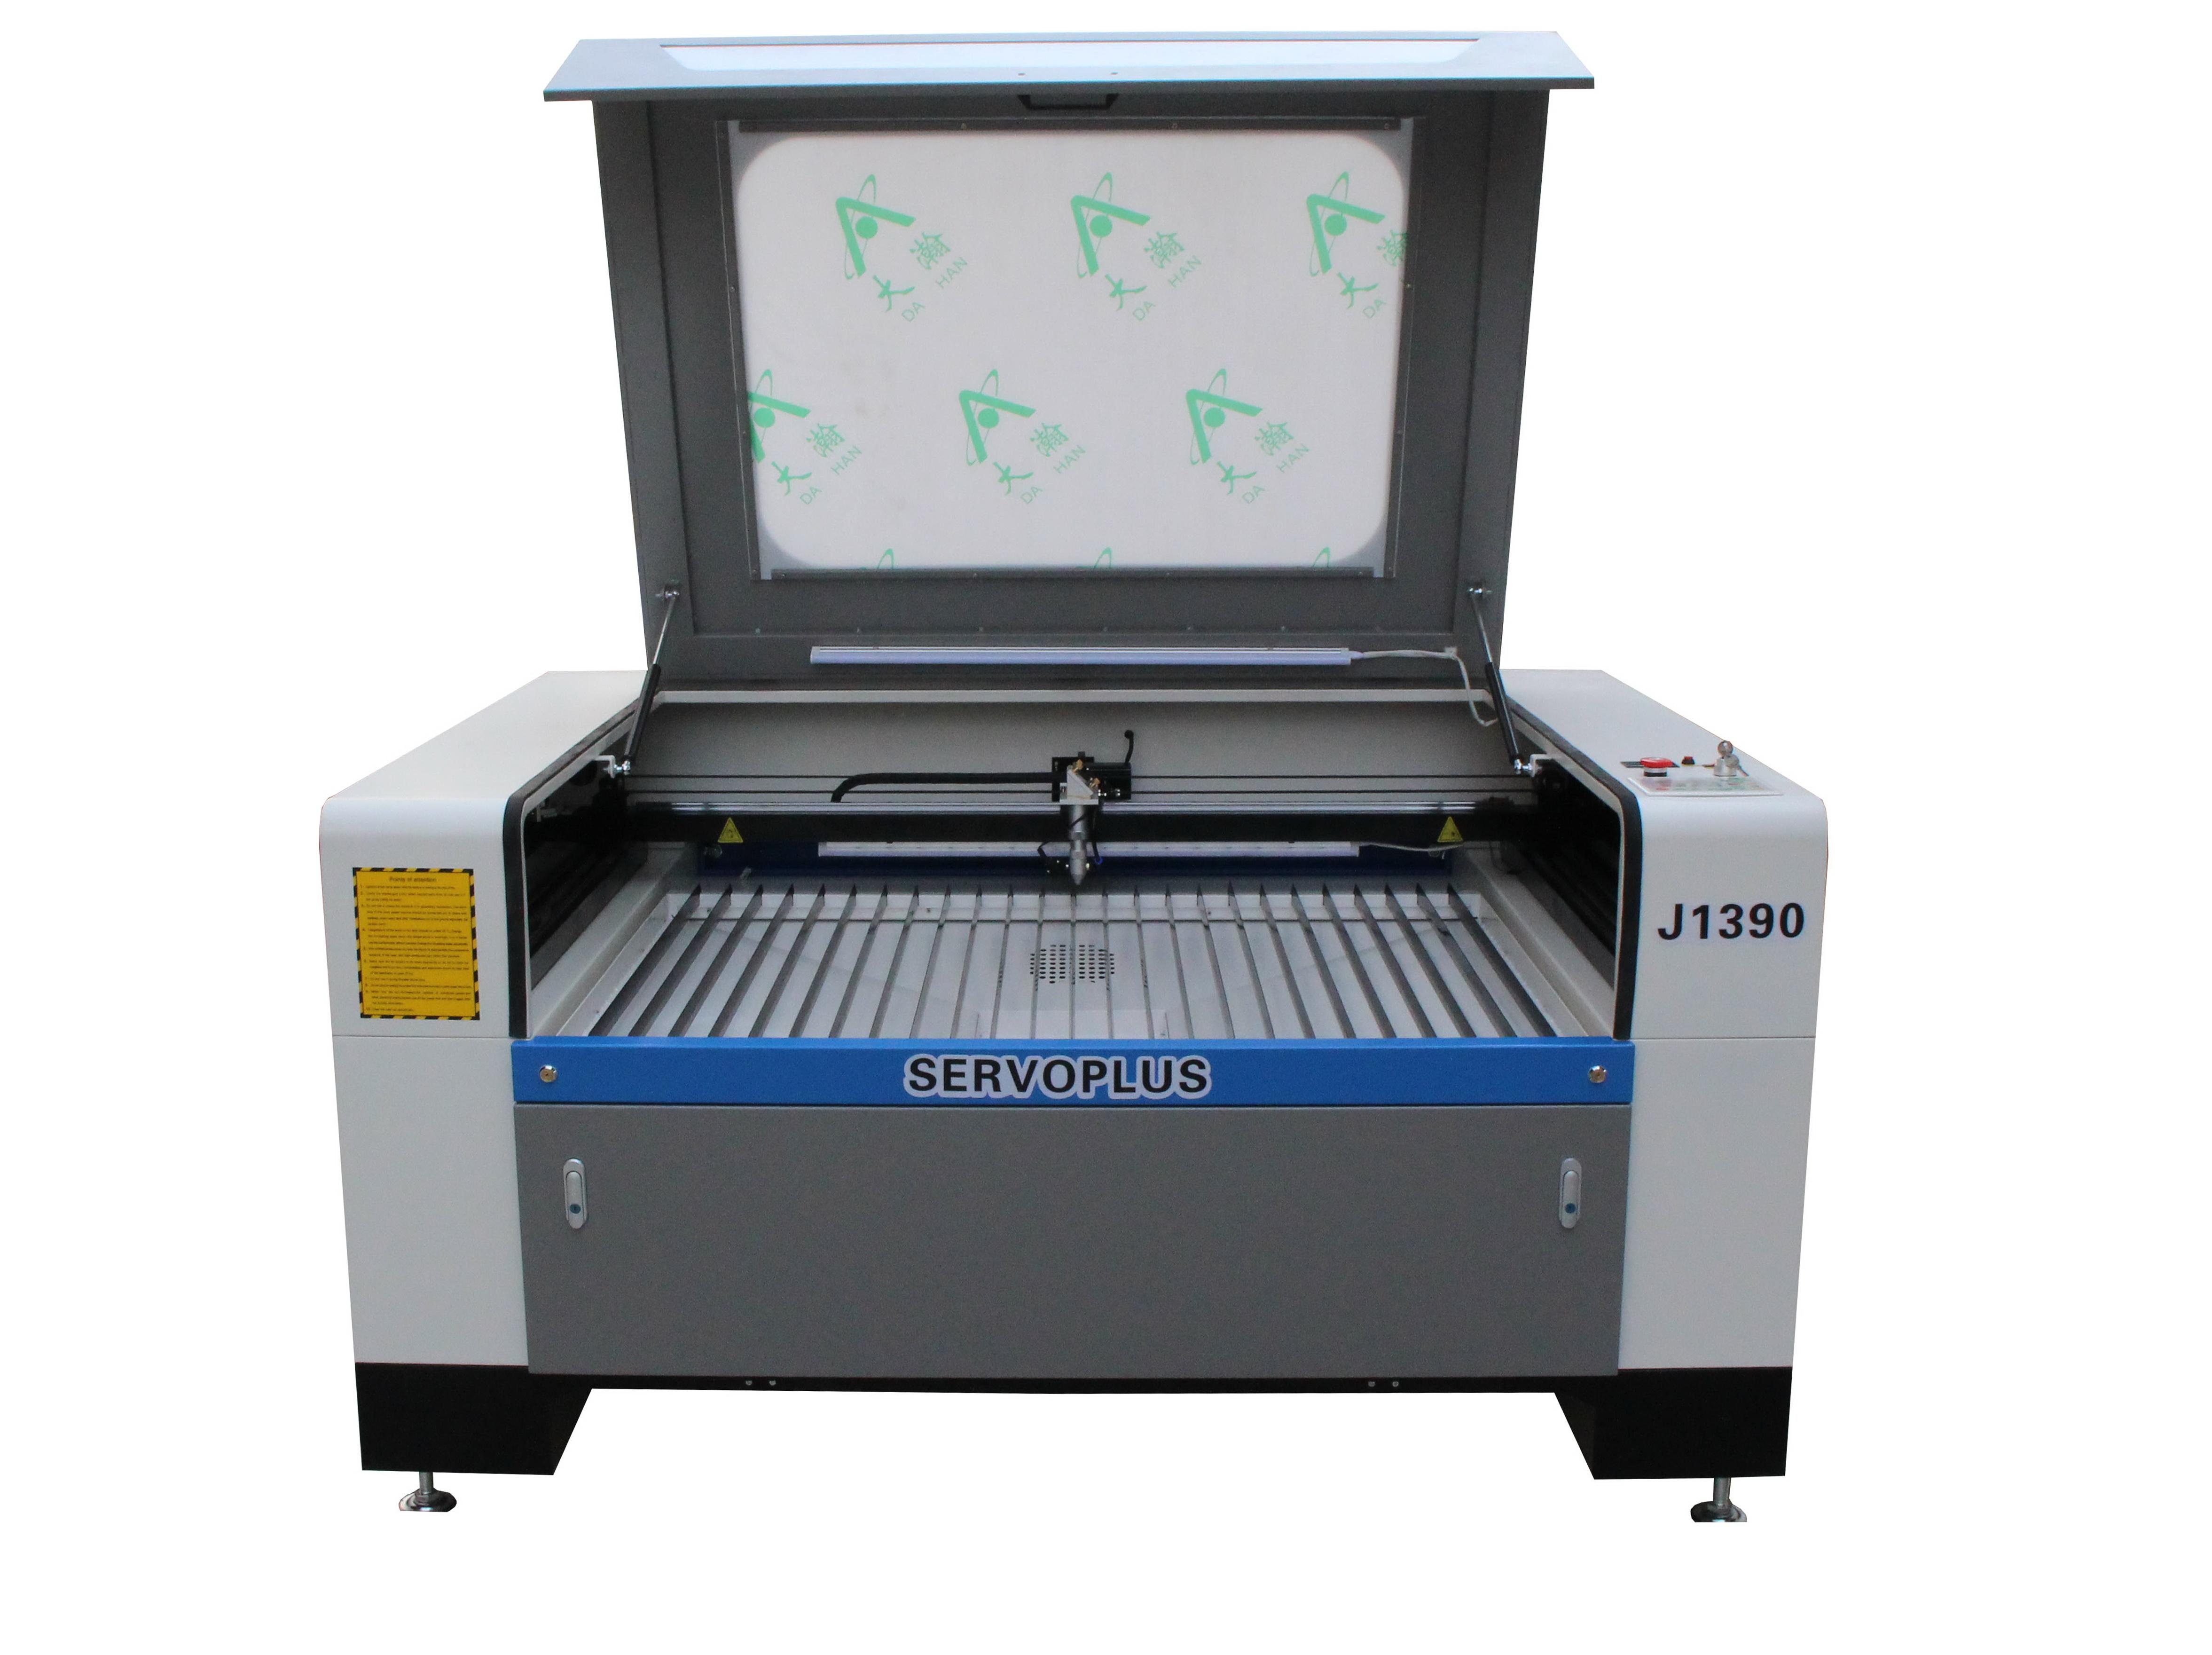 CO2 Laser J1390